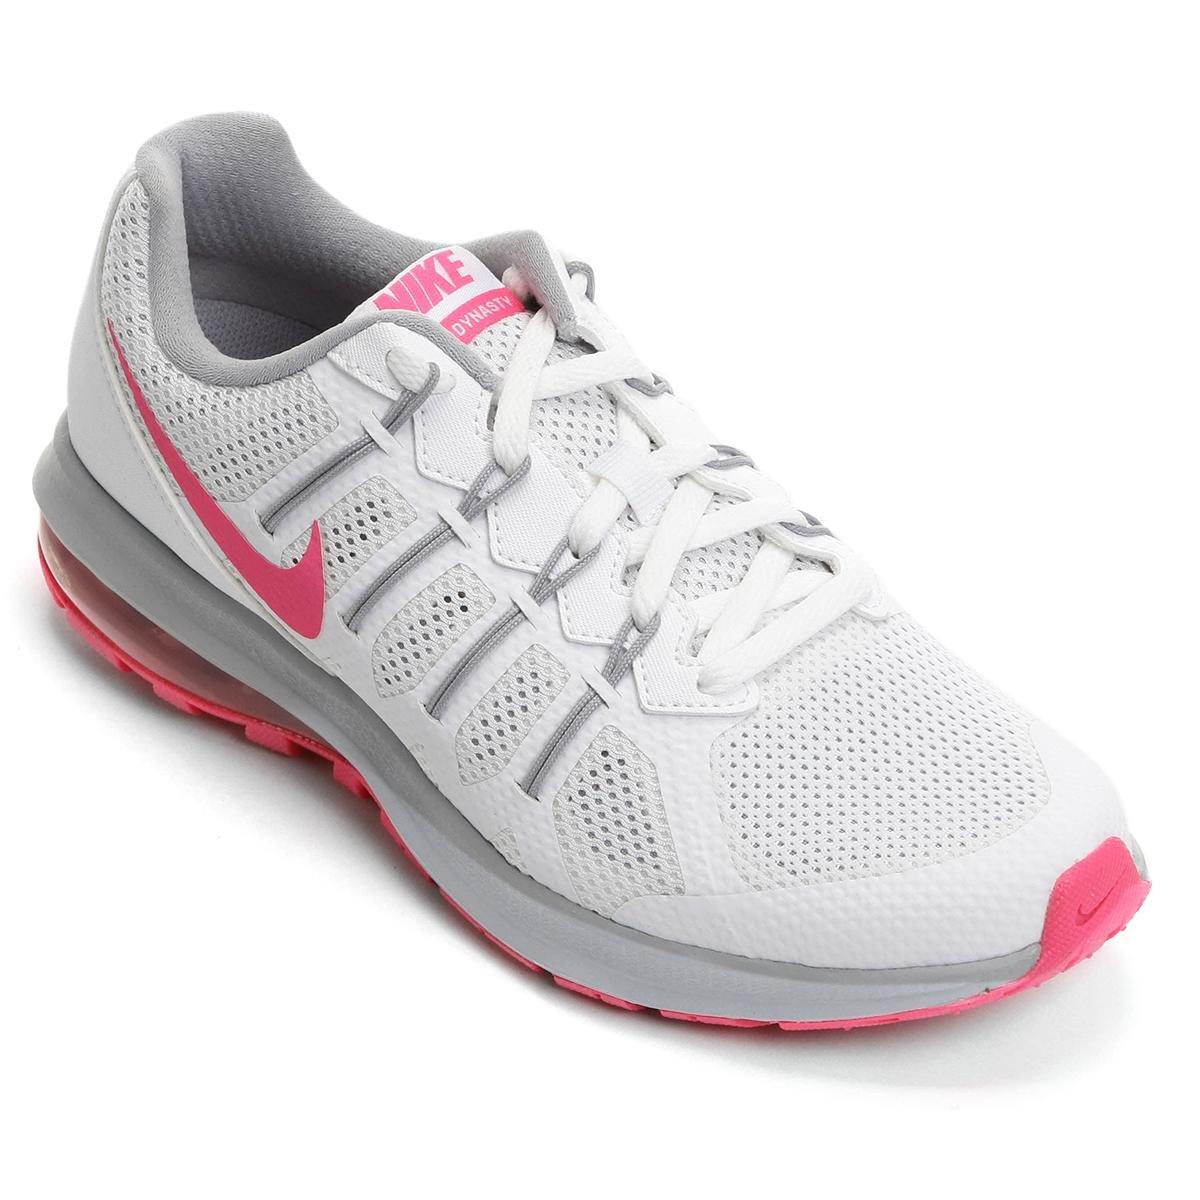 5bcbb95c6cb ... ZOOM Tênis Nike Air Max Dynasty MSL Feminino - Branco e Rosa tenis nike  air max ...